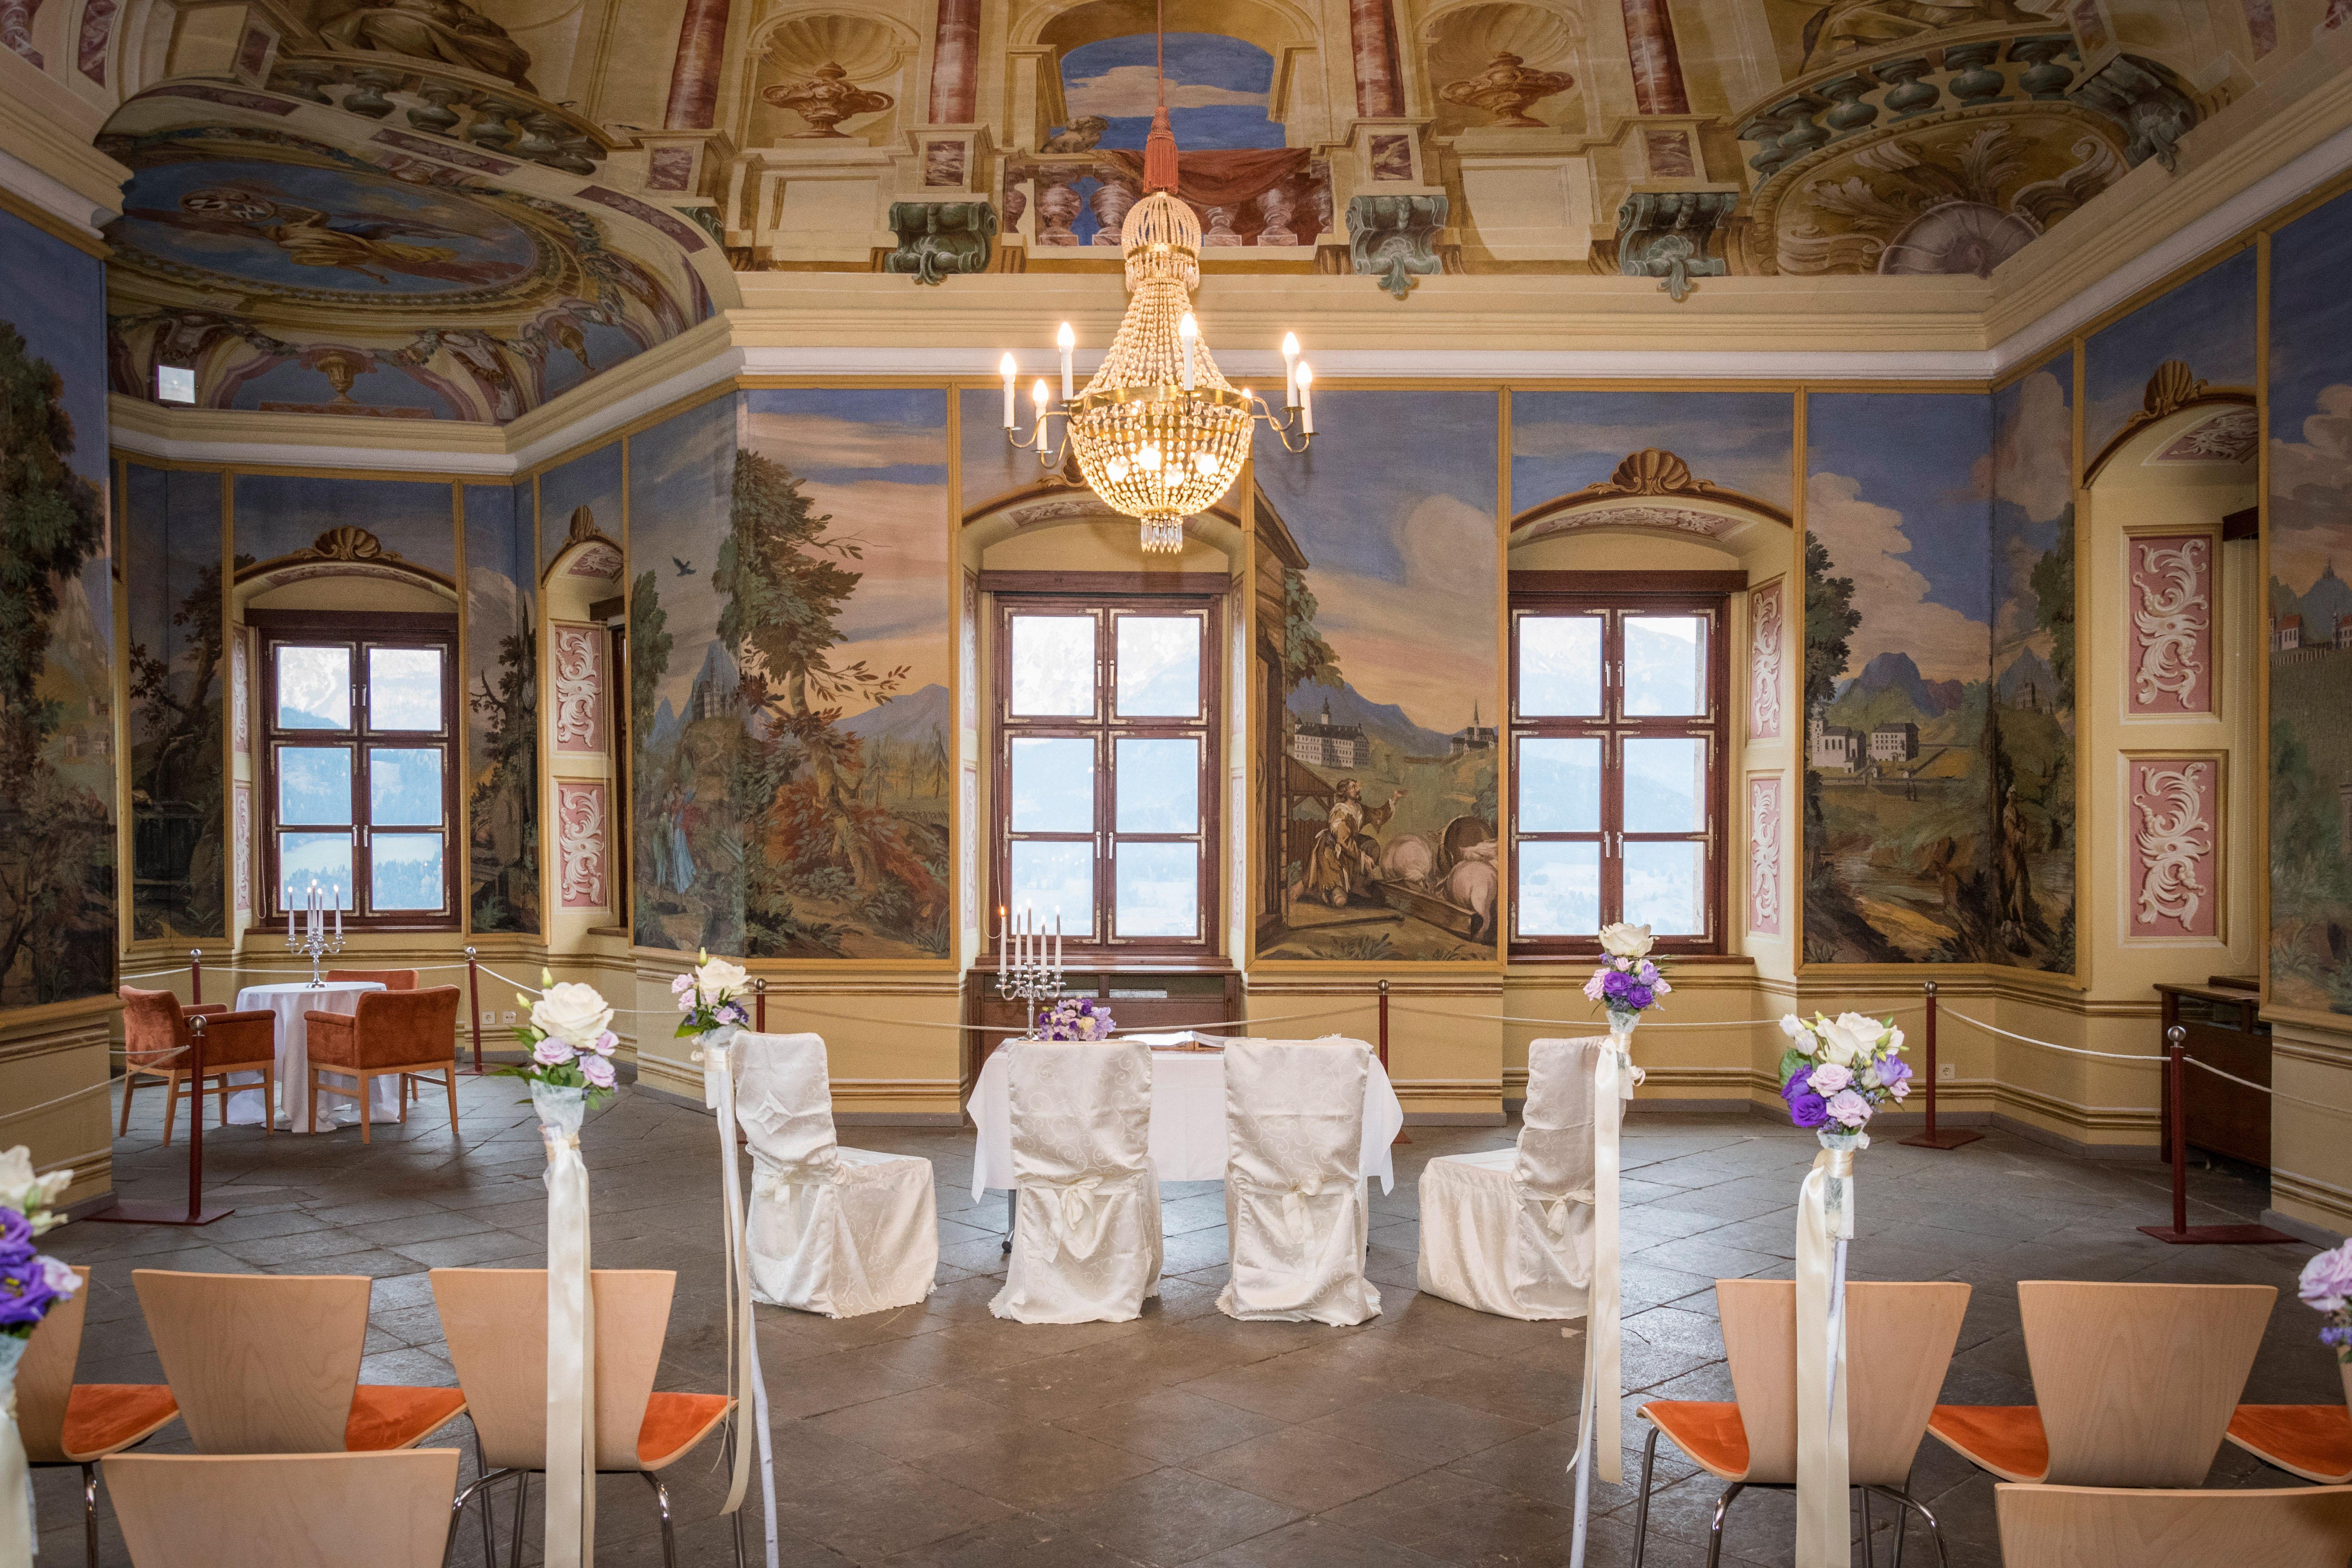 Sie sehen das Trauzimmer im Stift Admont in der Region Nationalpark Gesäuse. JUFA Hotels bietet Ihnen den idealen Ort für märchenhafte Hochzeiten.